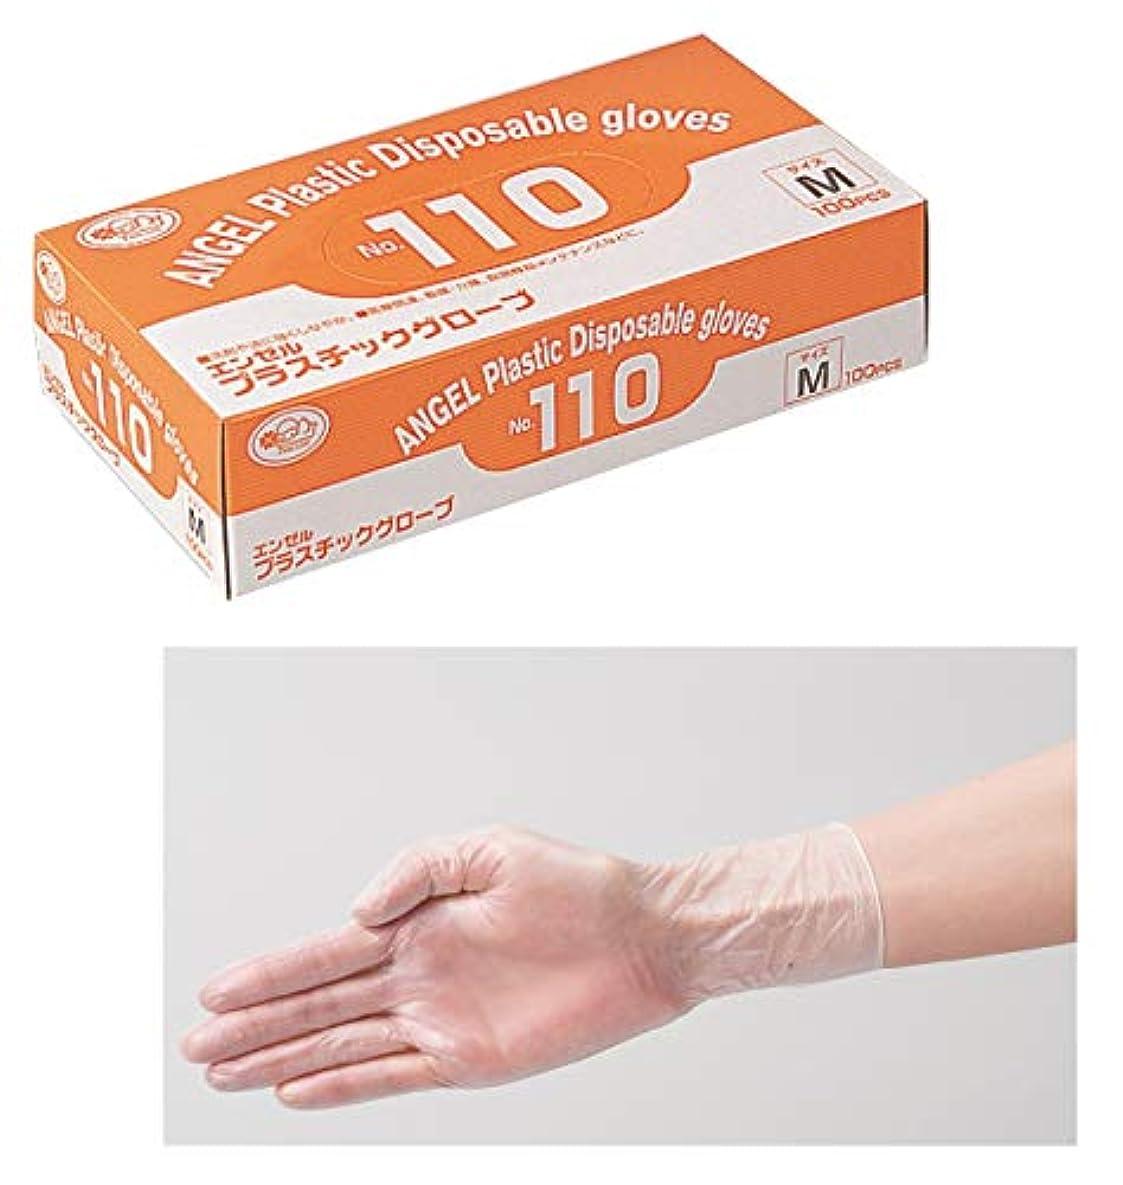 予言するモルヒネ暗くするサンフラワー No.110 プラスチックグローブ 粉付 100枚入り (L)